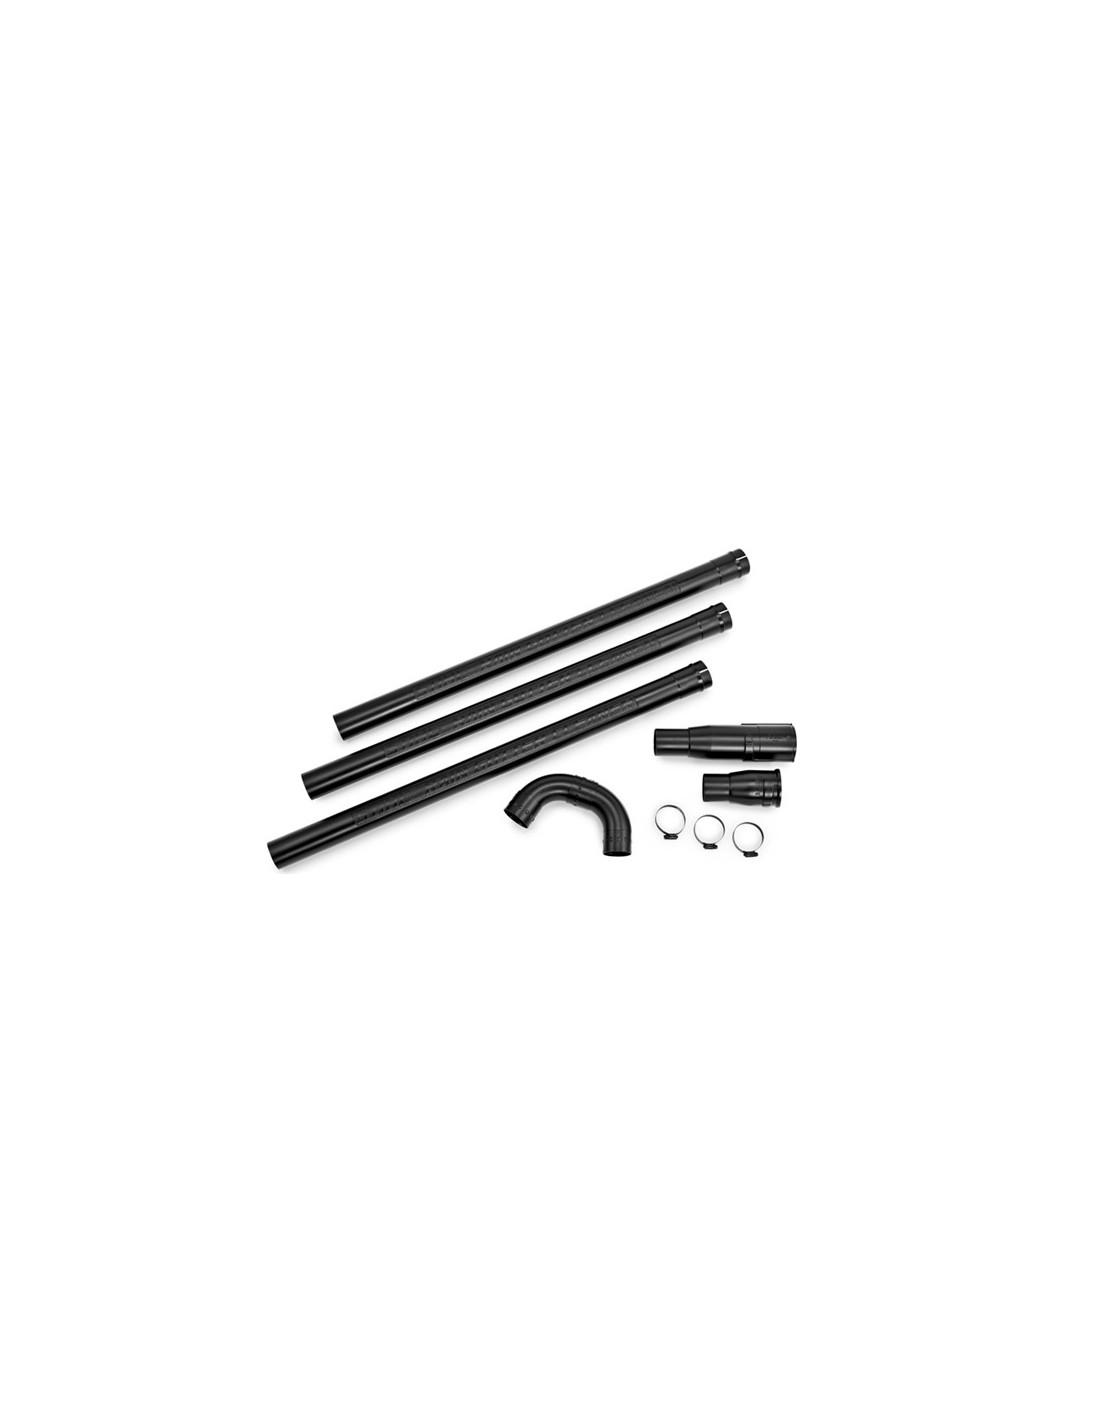 kit goutti re pour souffleur stihl. Black Bedroom Furniture Sets. Home Design Ideas